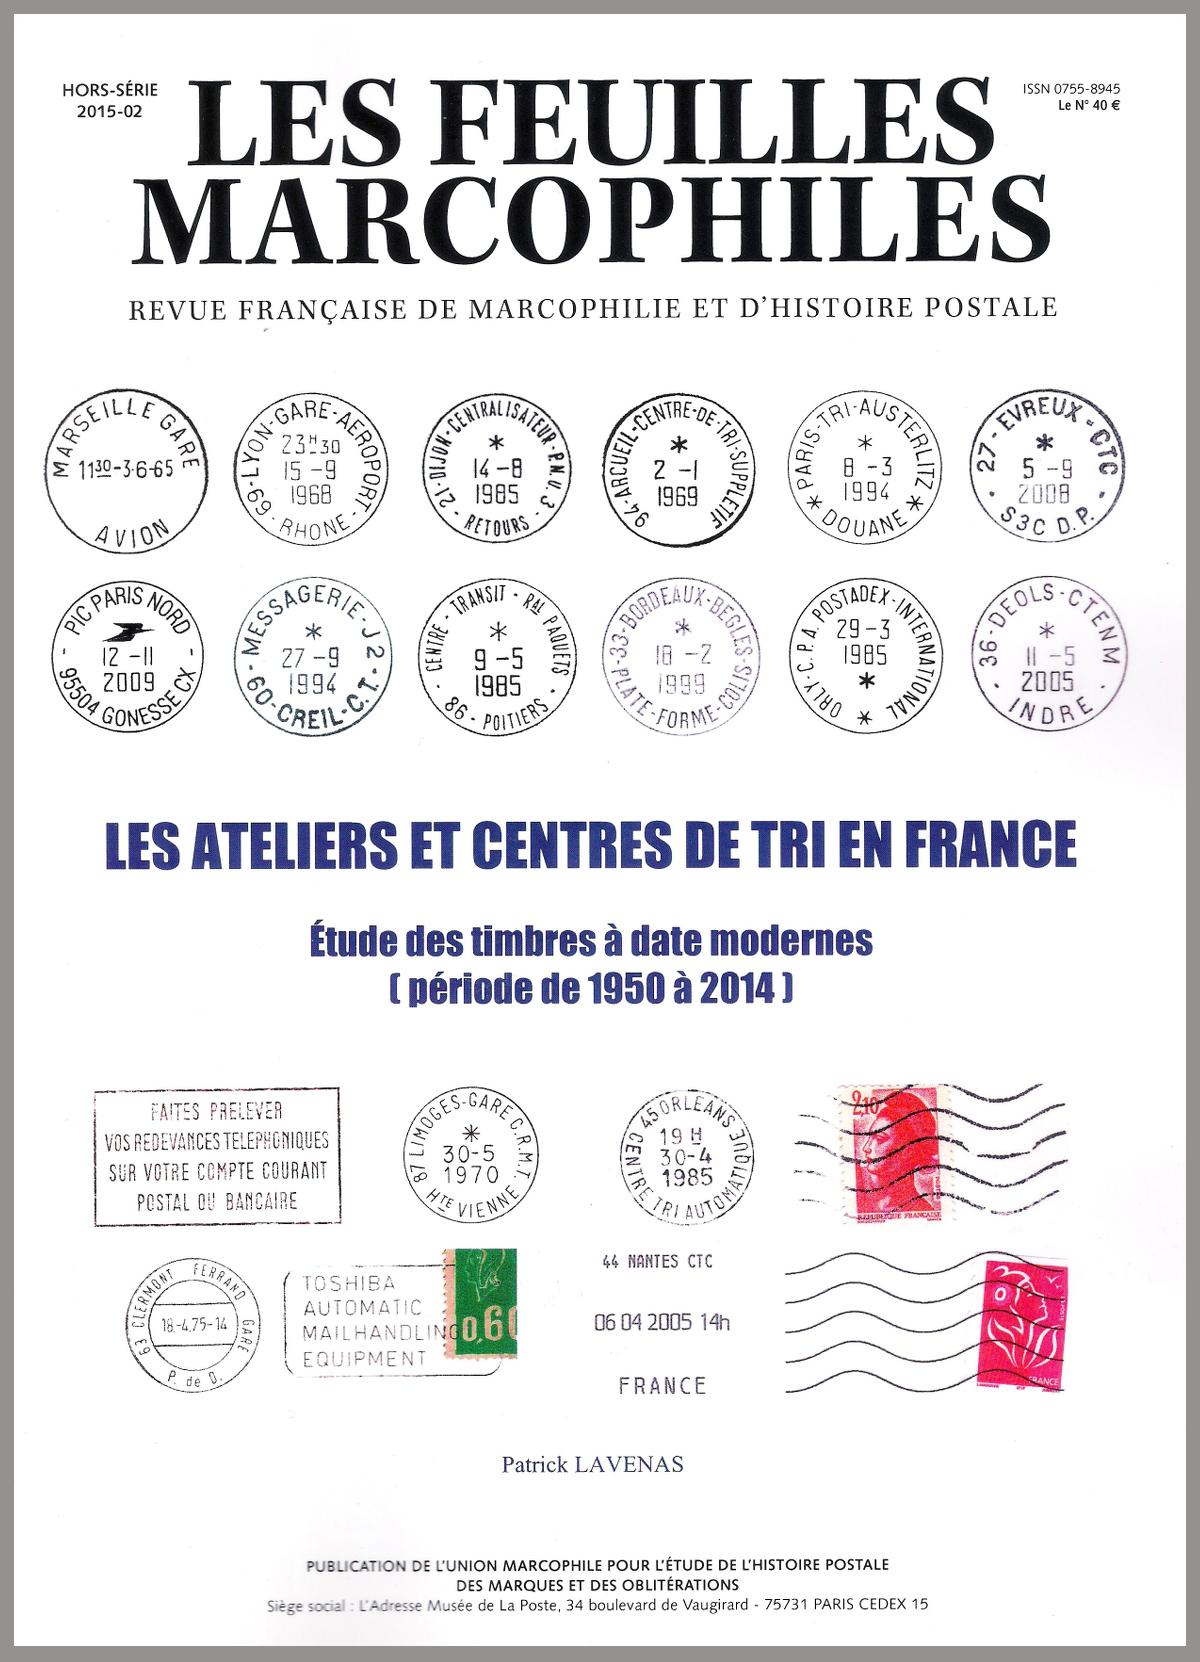 Ateliers et centres de tri en France (1950-2014) par Patrick Lavenas